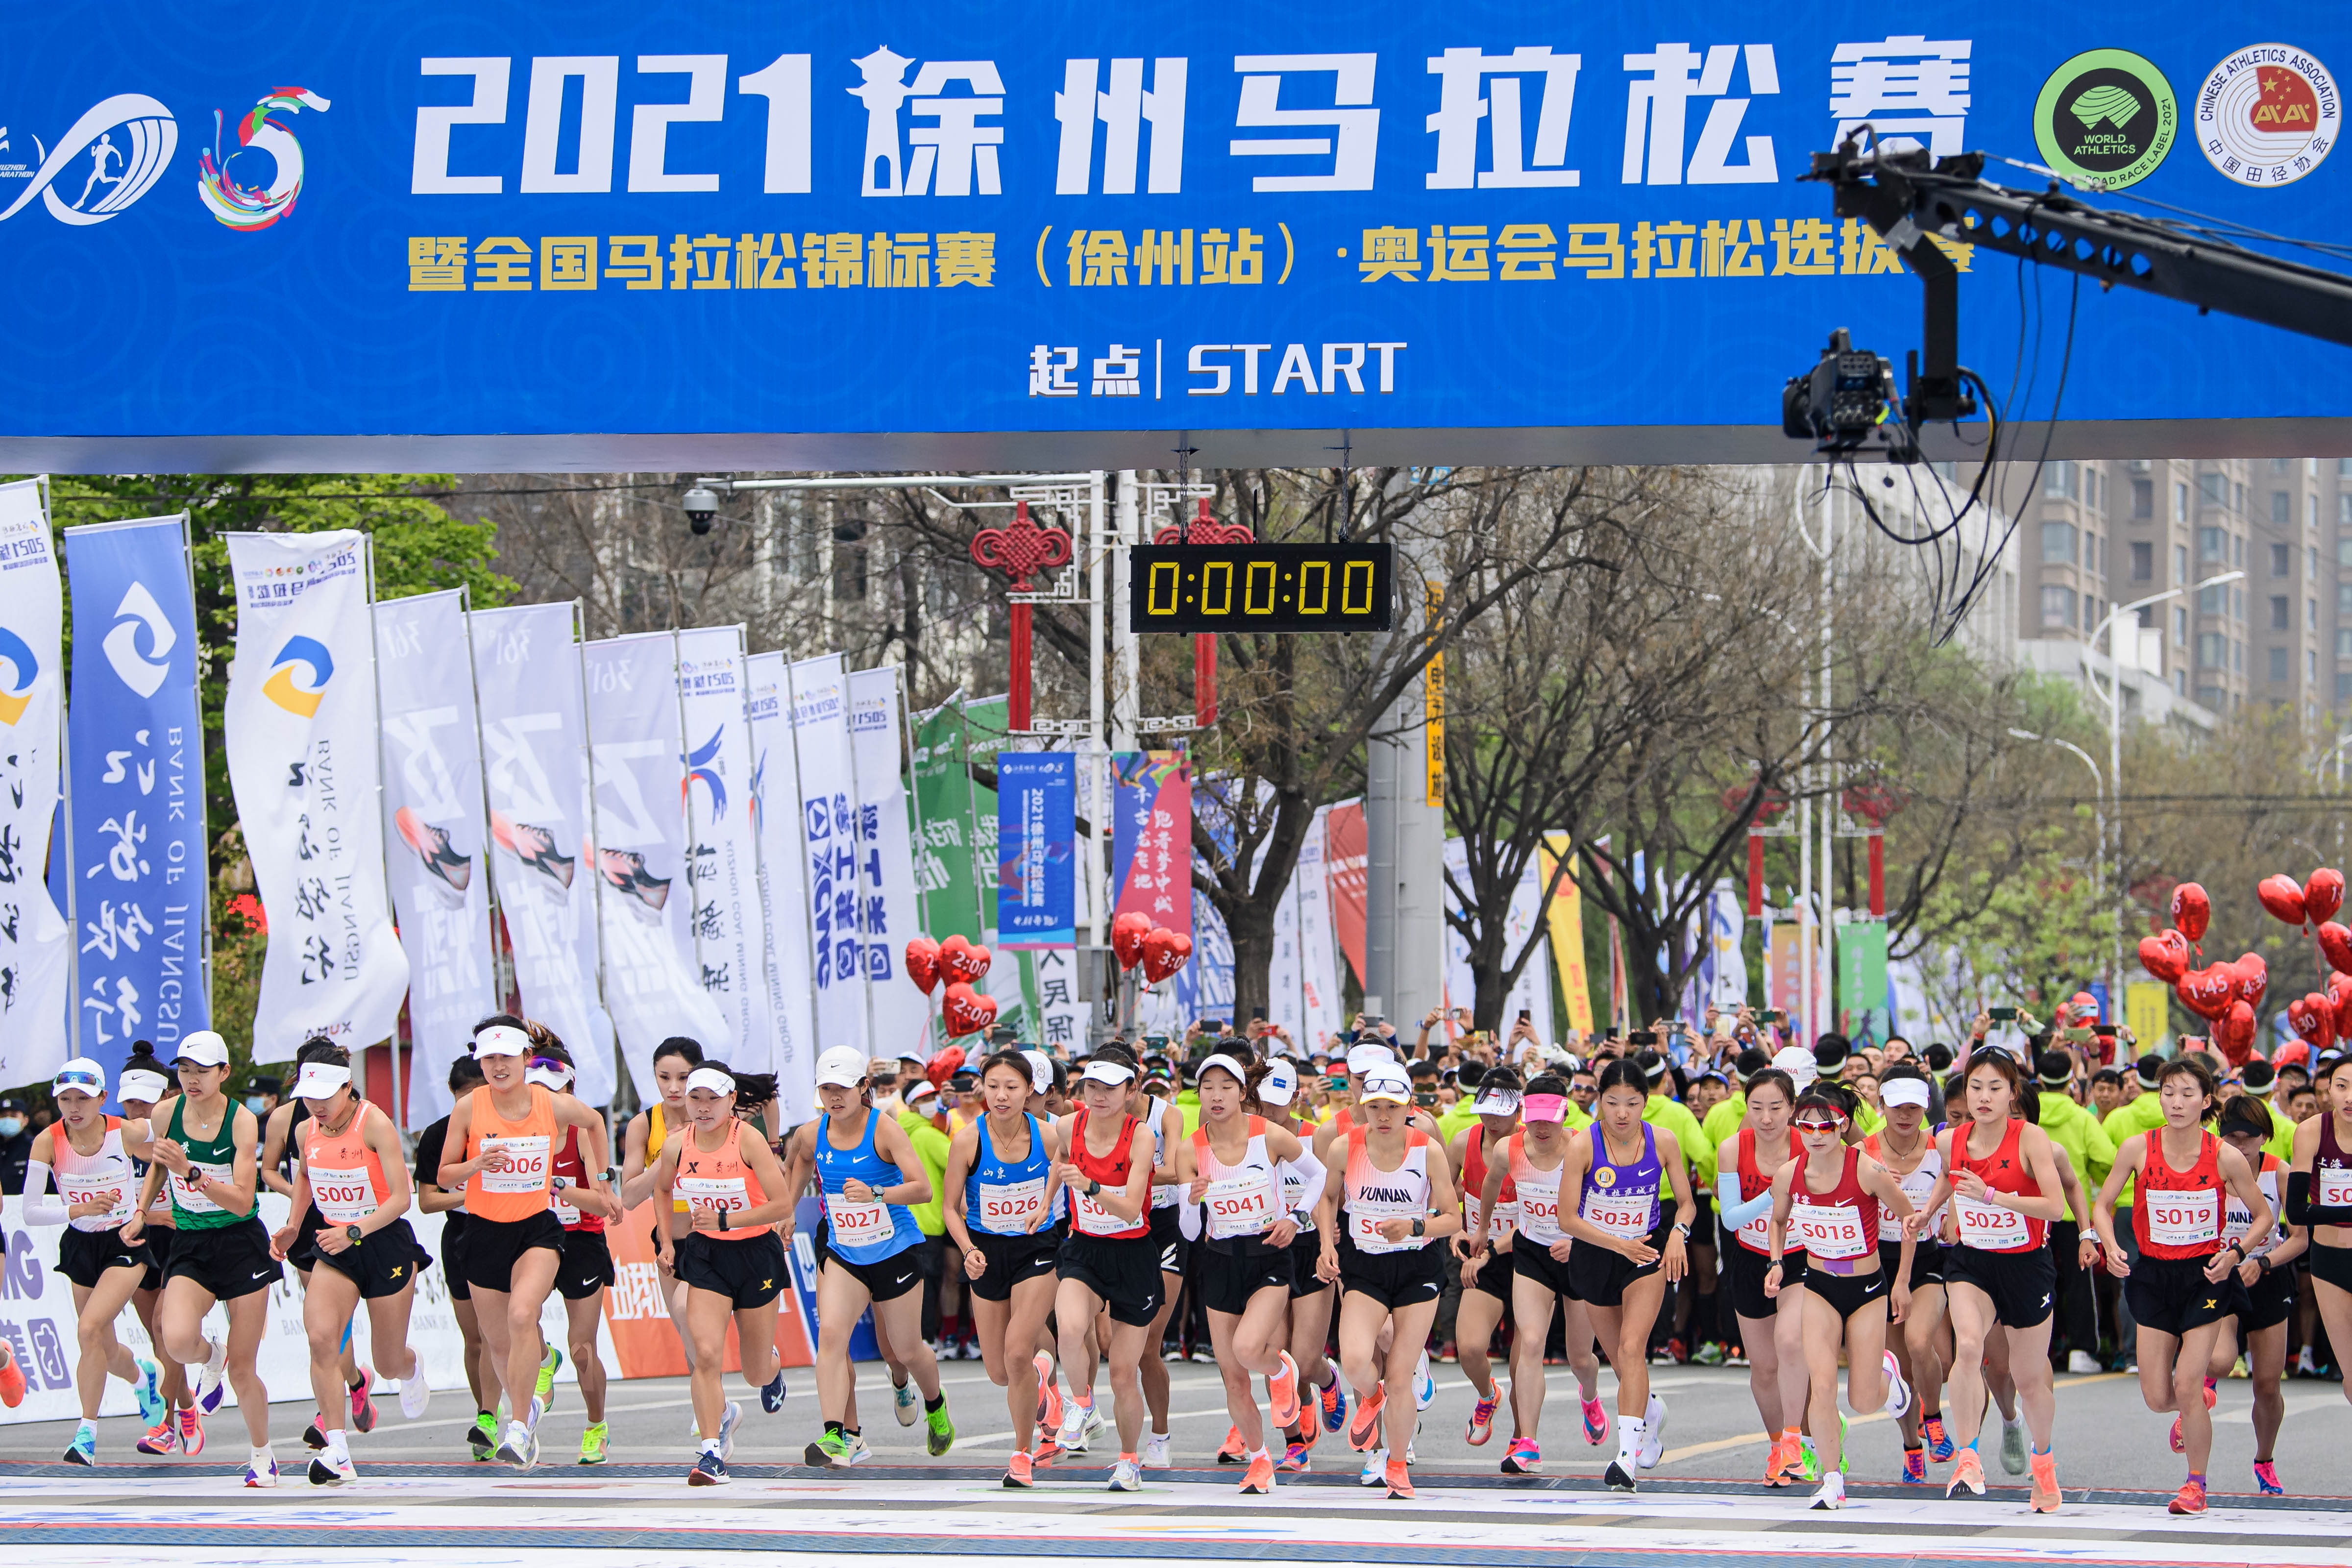 东京奥运会马拉松选拔赛徐州落幕 彭建华、张德顺分获男女组冠军